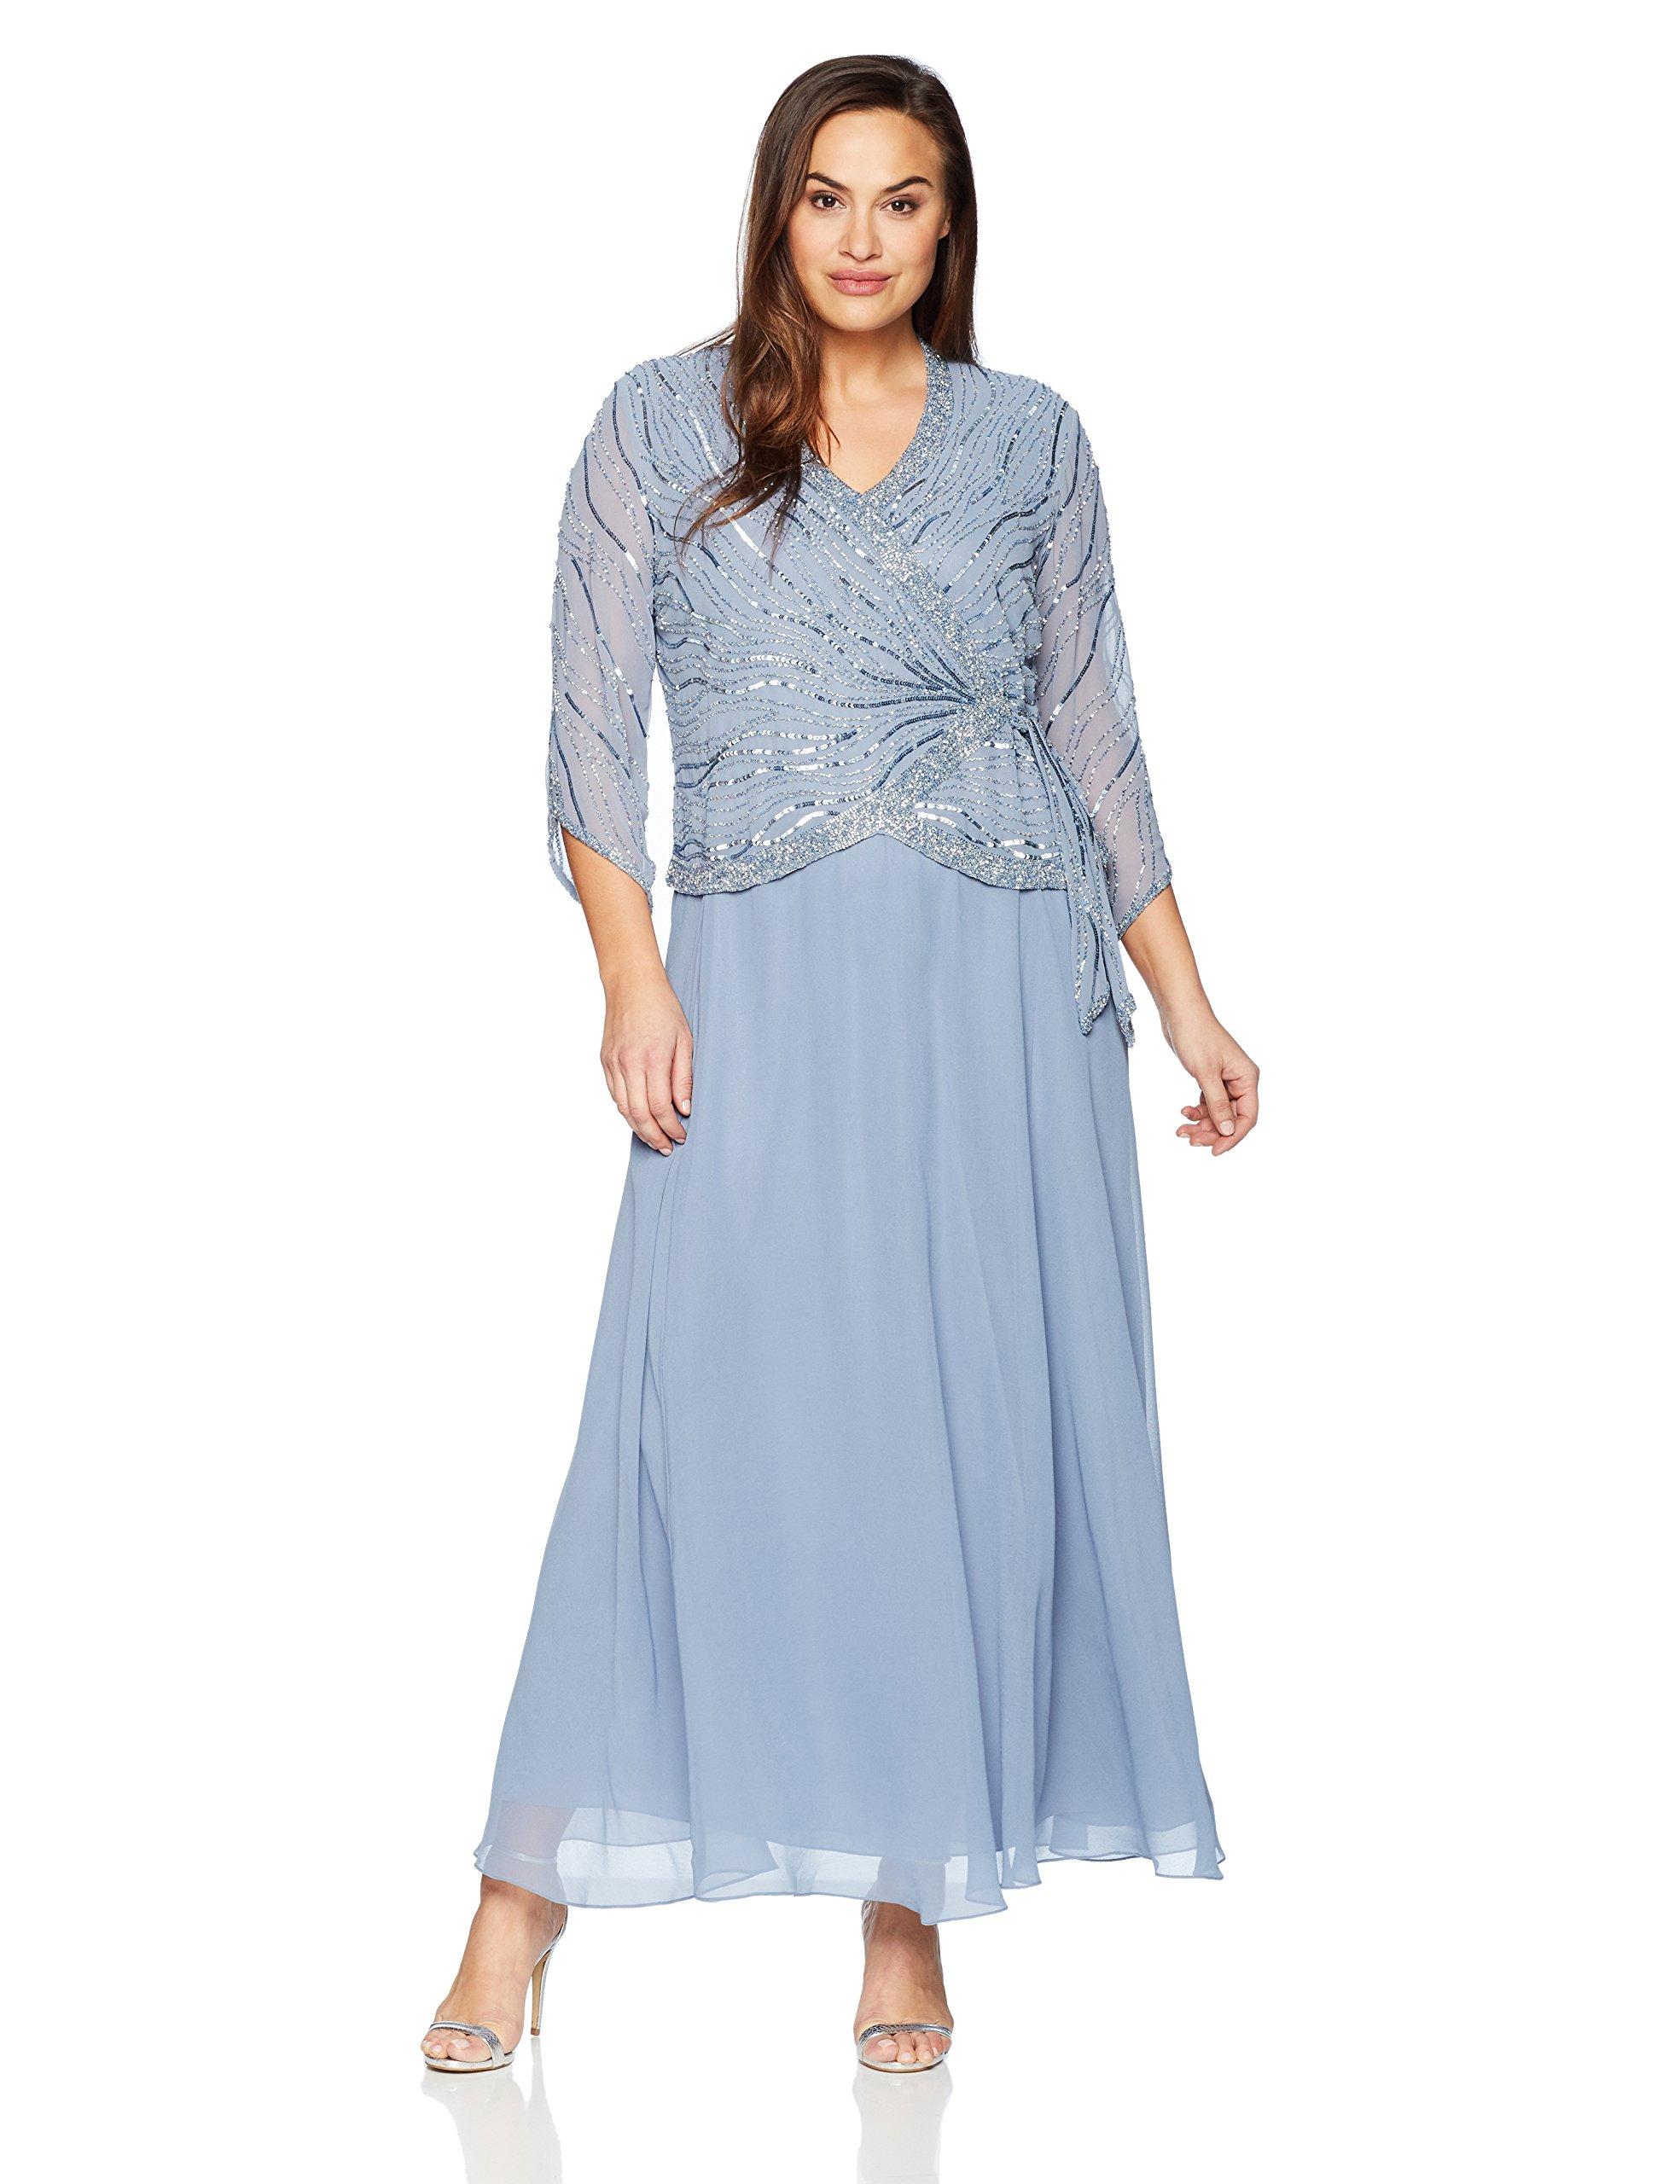 a41243eadf4 ... Kara Women's Plus Size Long 3/4 Sleeve V-Neck Beaded Faux Wrap Dress,  Dusty Blue/Silver, 24W. ; 